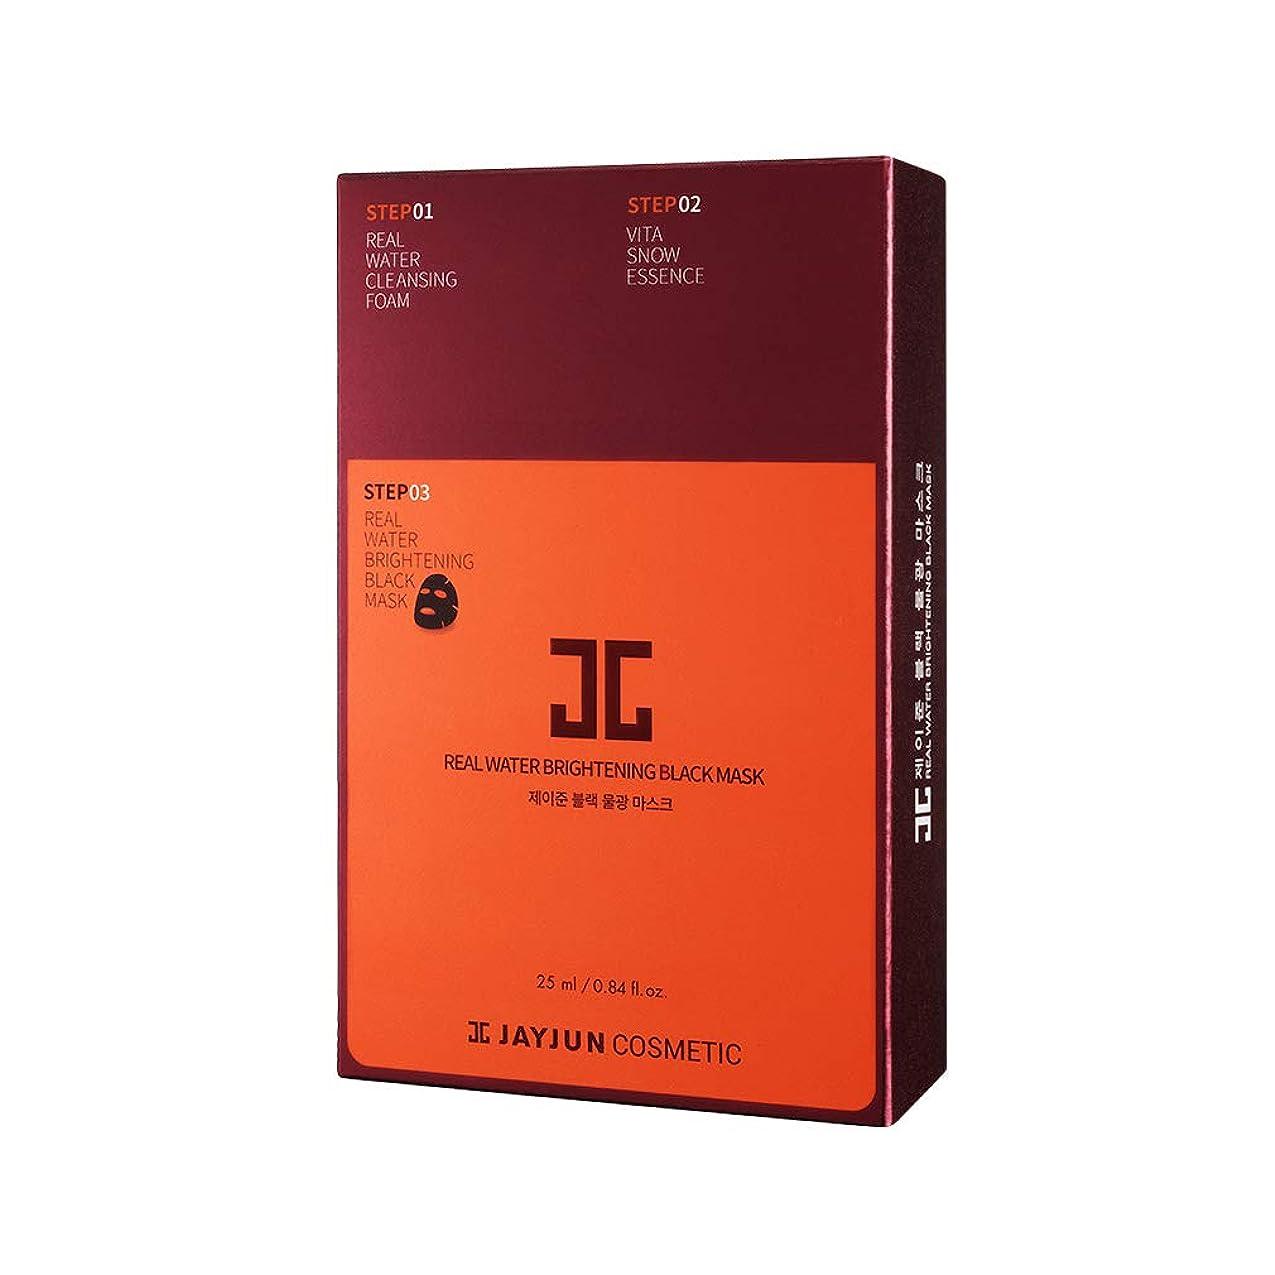 公然とアフリカ人バレル話題の人気コスメ!!JAY JUN 3 Steps Real Water Black Facial Mask (10pcs) Refine to Shine [並行輸入品]